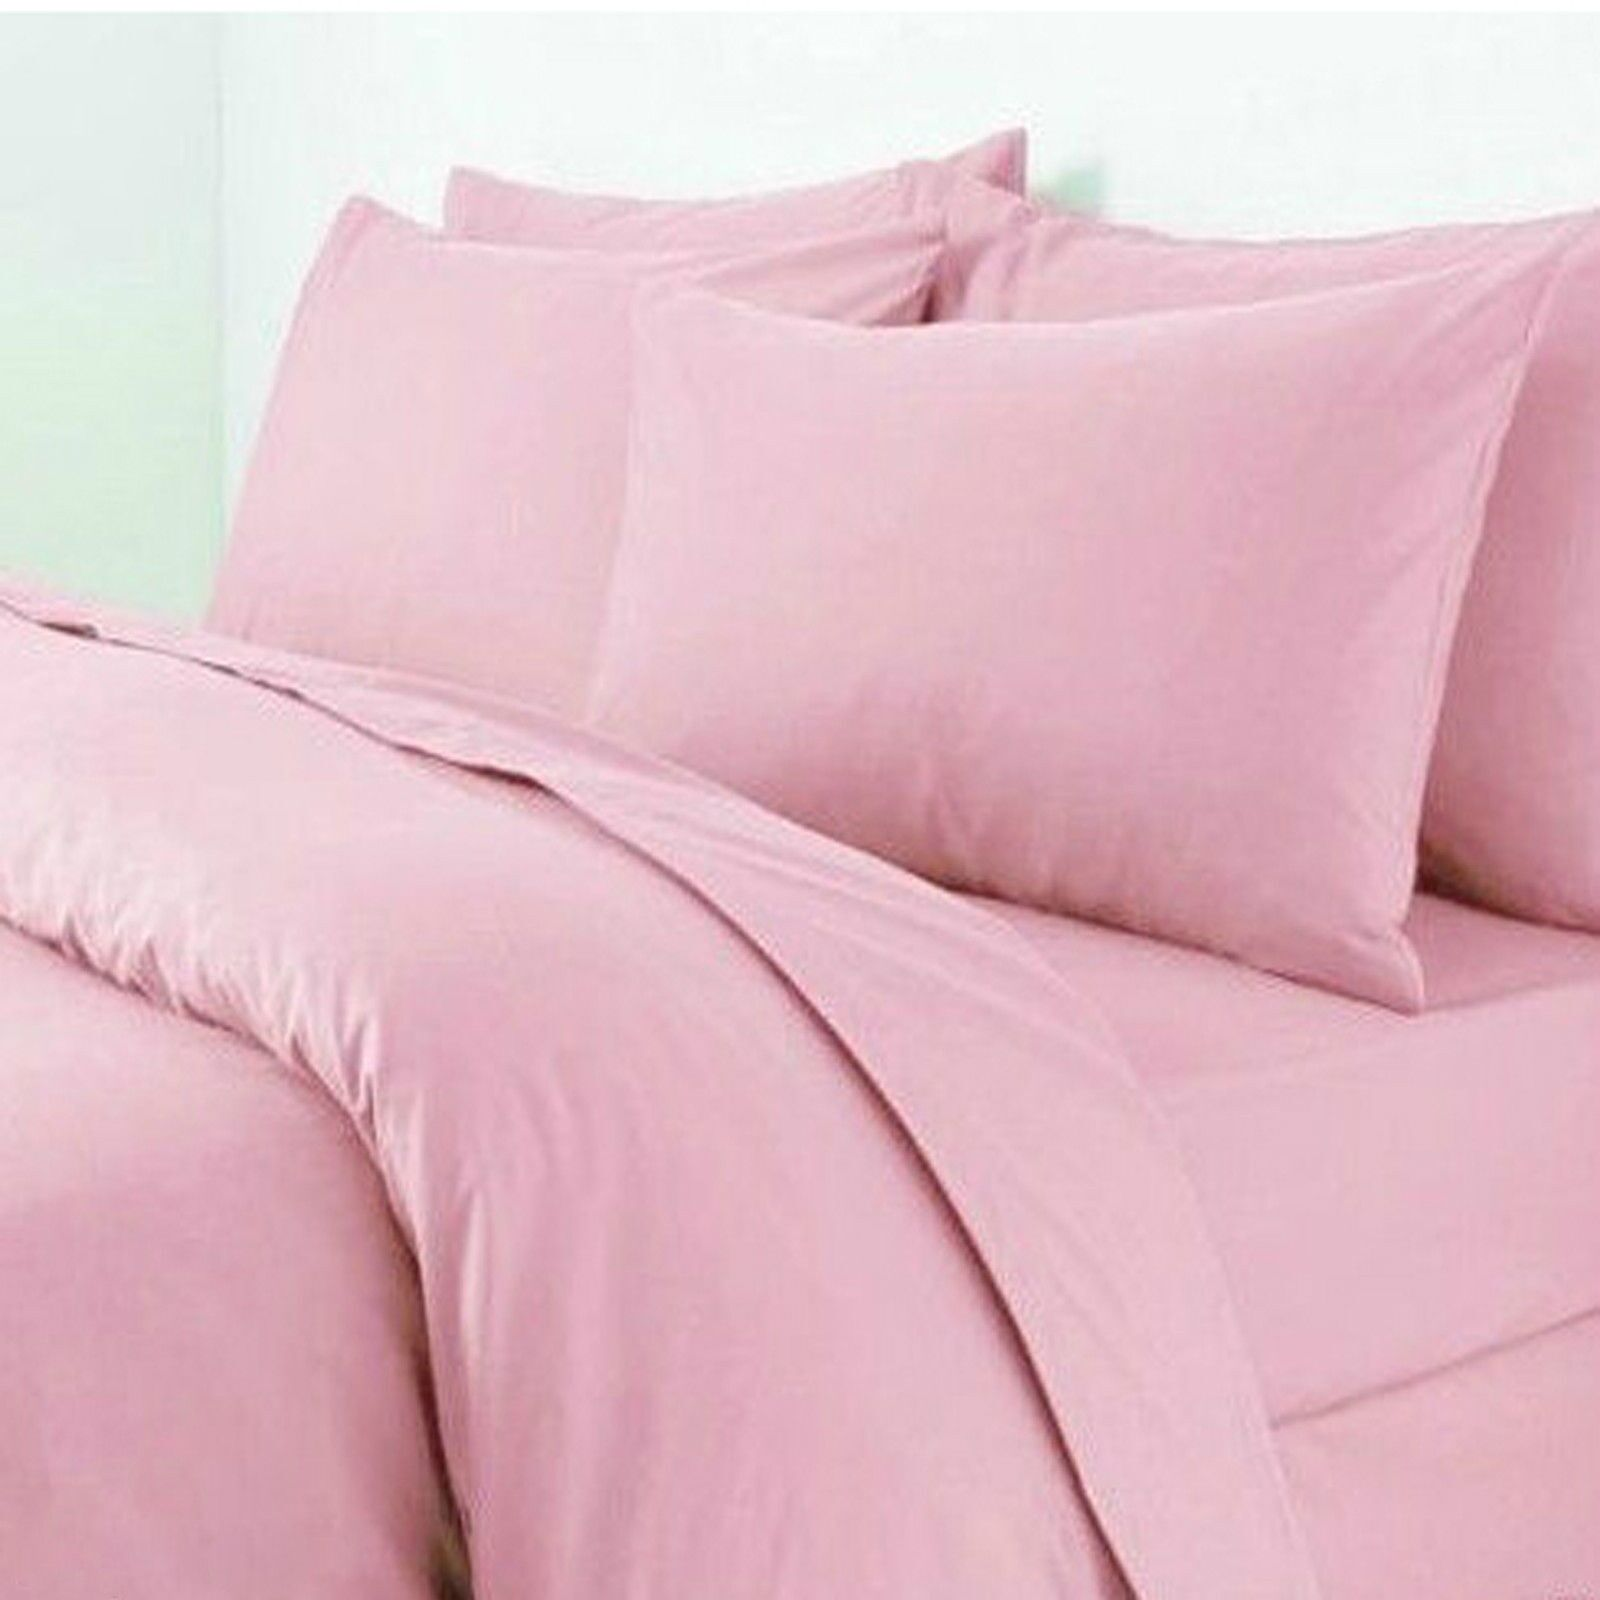 rosa Set t200 100% cotone egiziano Set rosa Piumone Lenzuolo Federe per Cuscini Biancheria Da Letto 8018ea